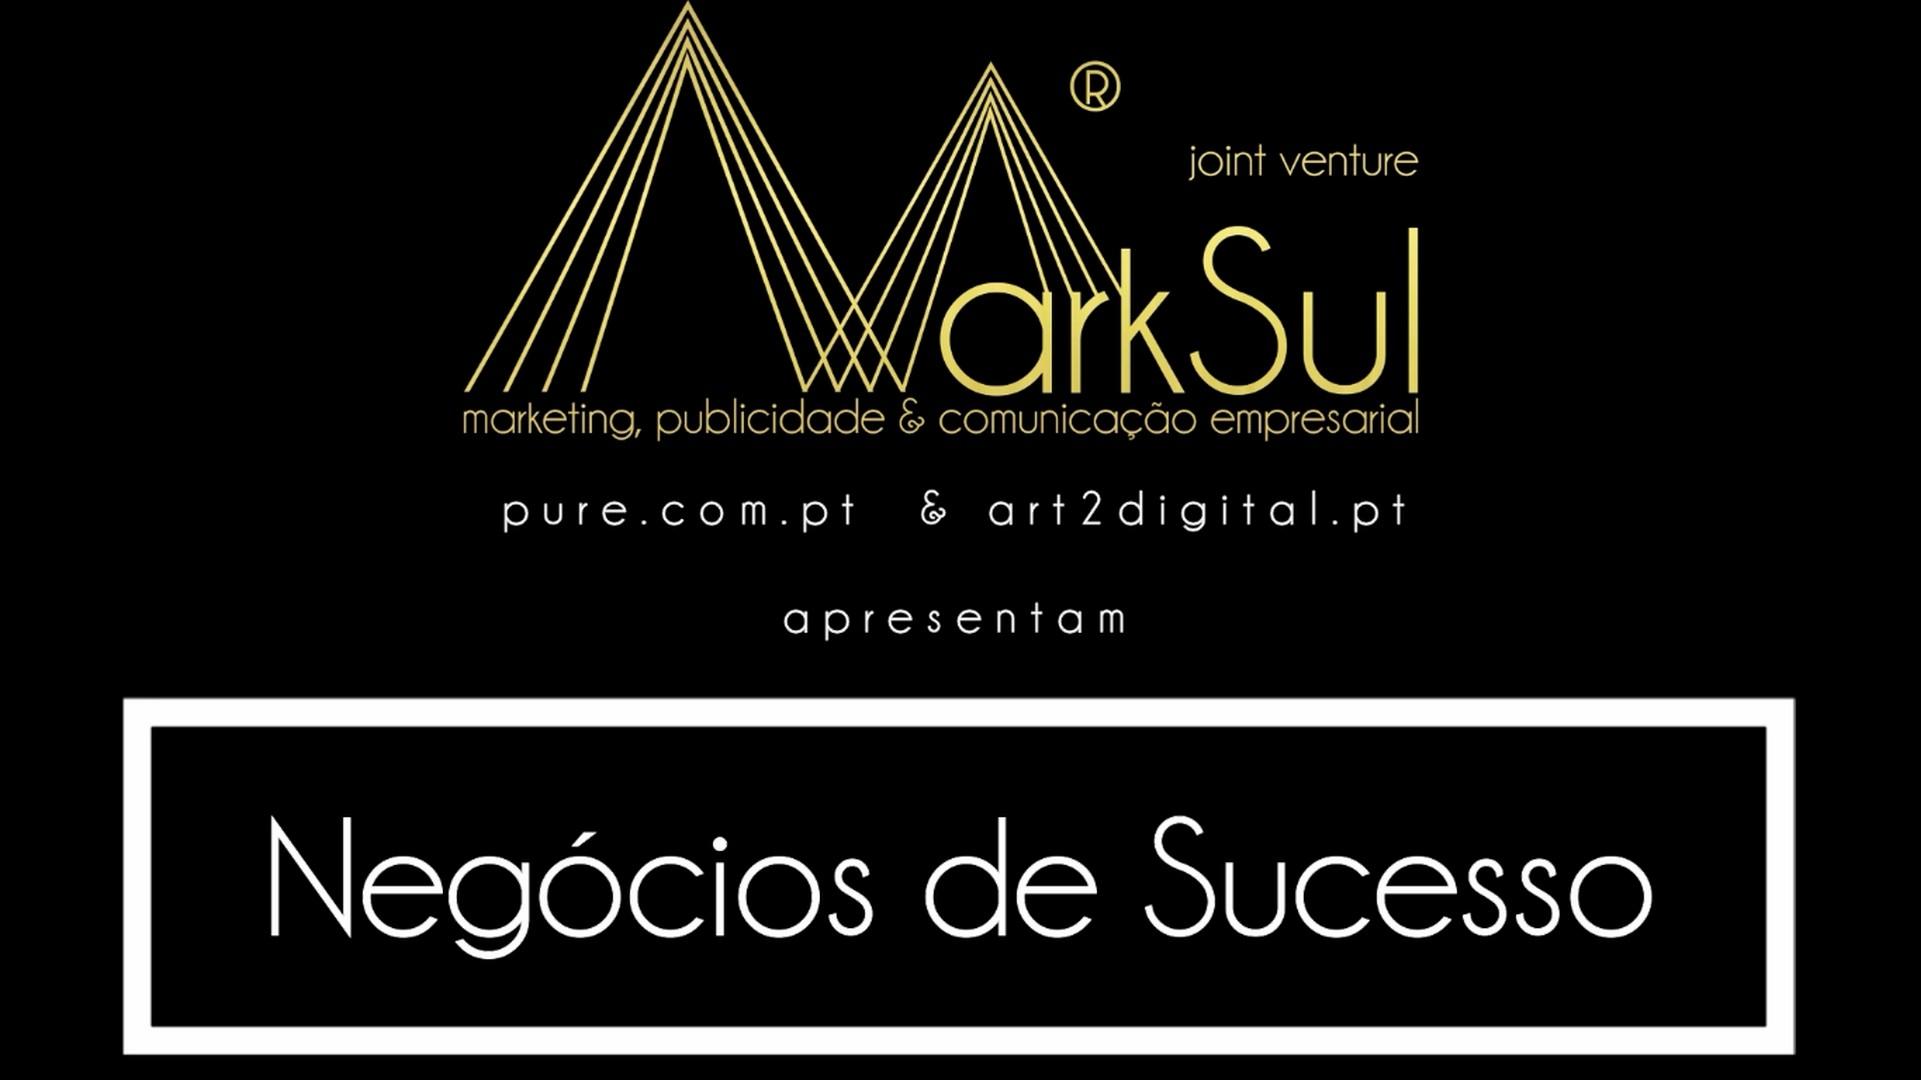 #Negócios de Sucesso #Clientes #Marketing Digital #Bastidores da Margem Sul